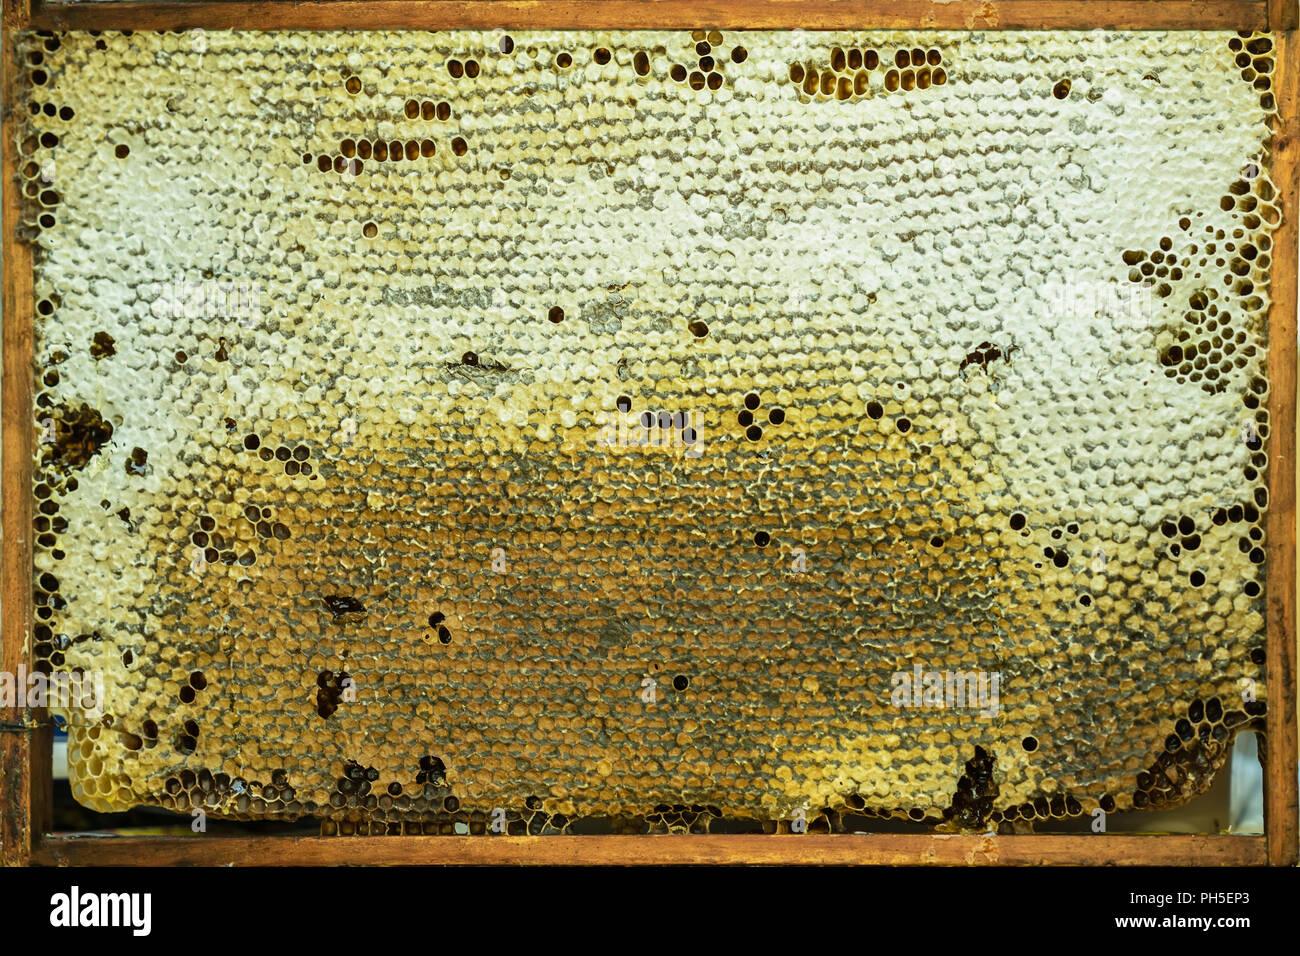 Fond Naturel De Miel Avec Miel Doré Structures De Cire Dans Le